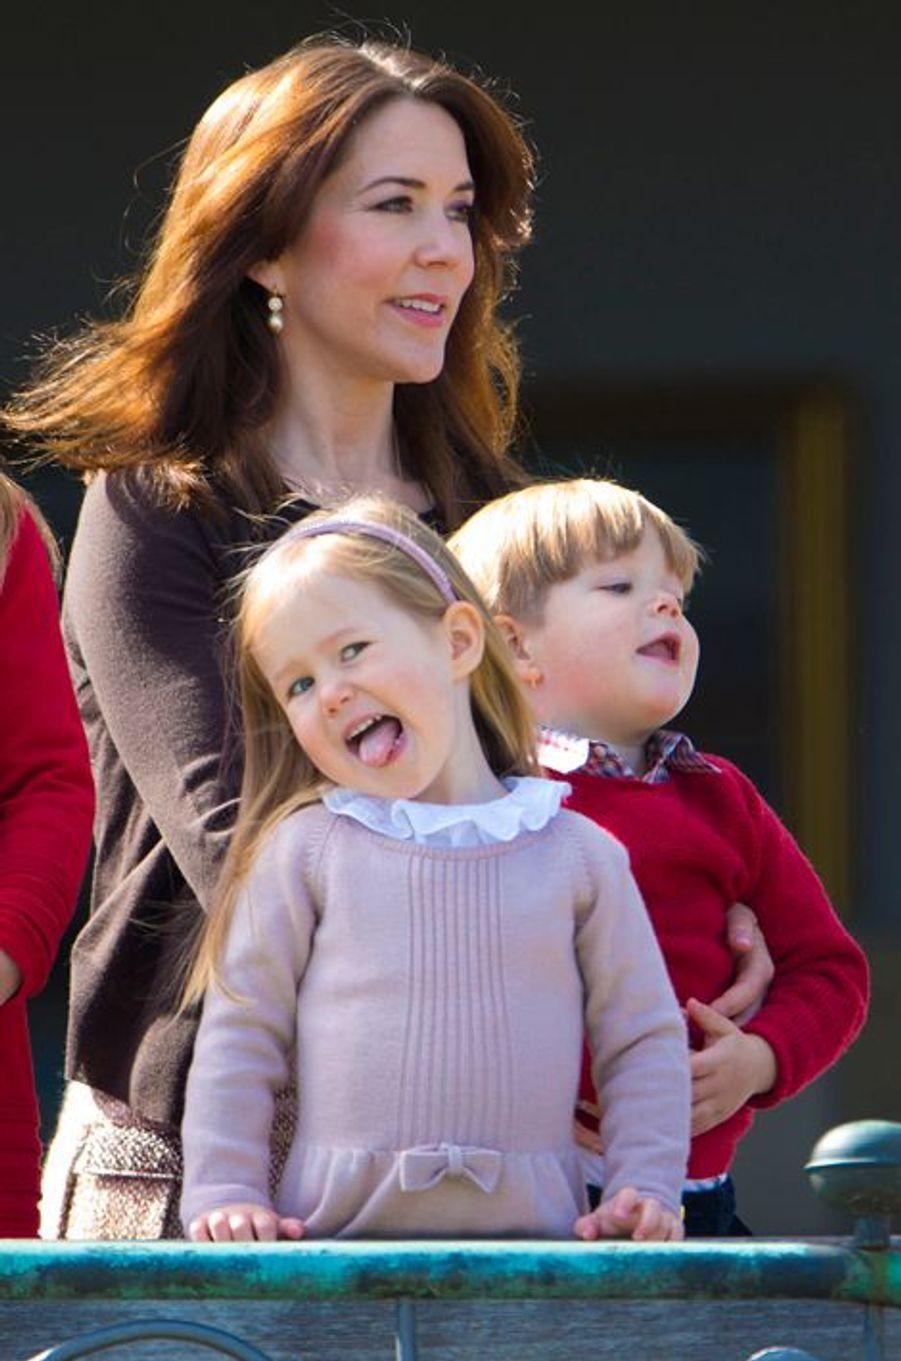 C'est si drôle de tirer la langue aux photographes, quand maman la princesse Mary de Danemark ne regarde pas, à Aarhus le 16 avril 2014